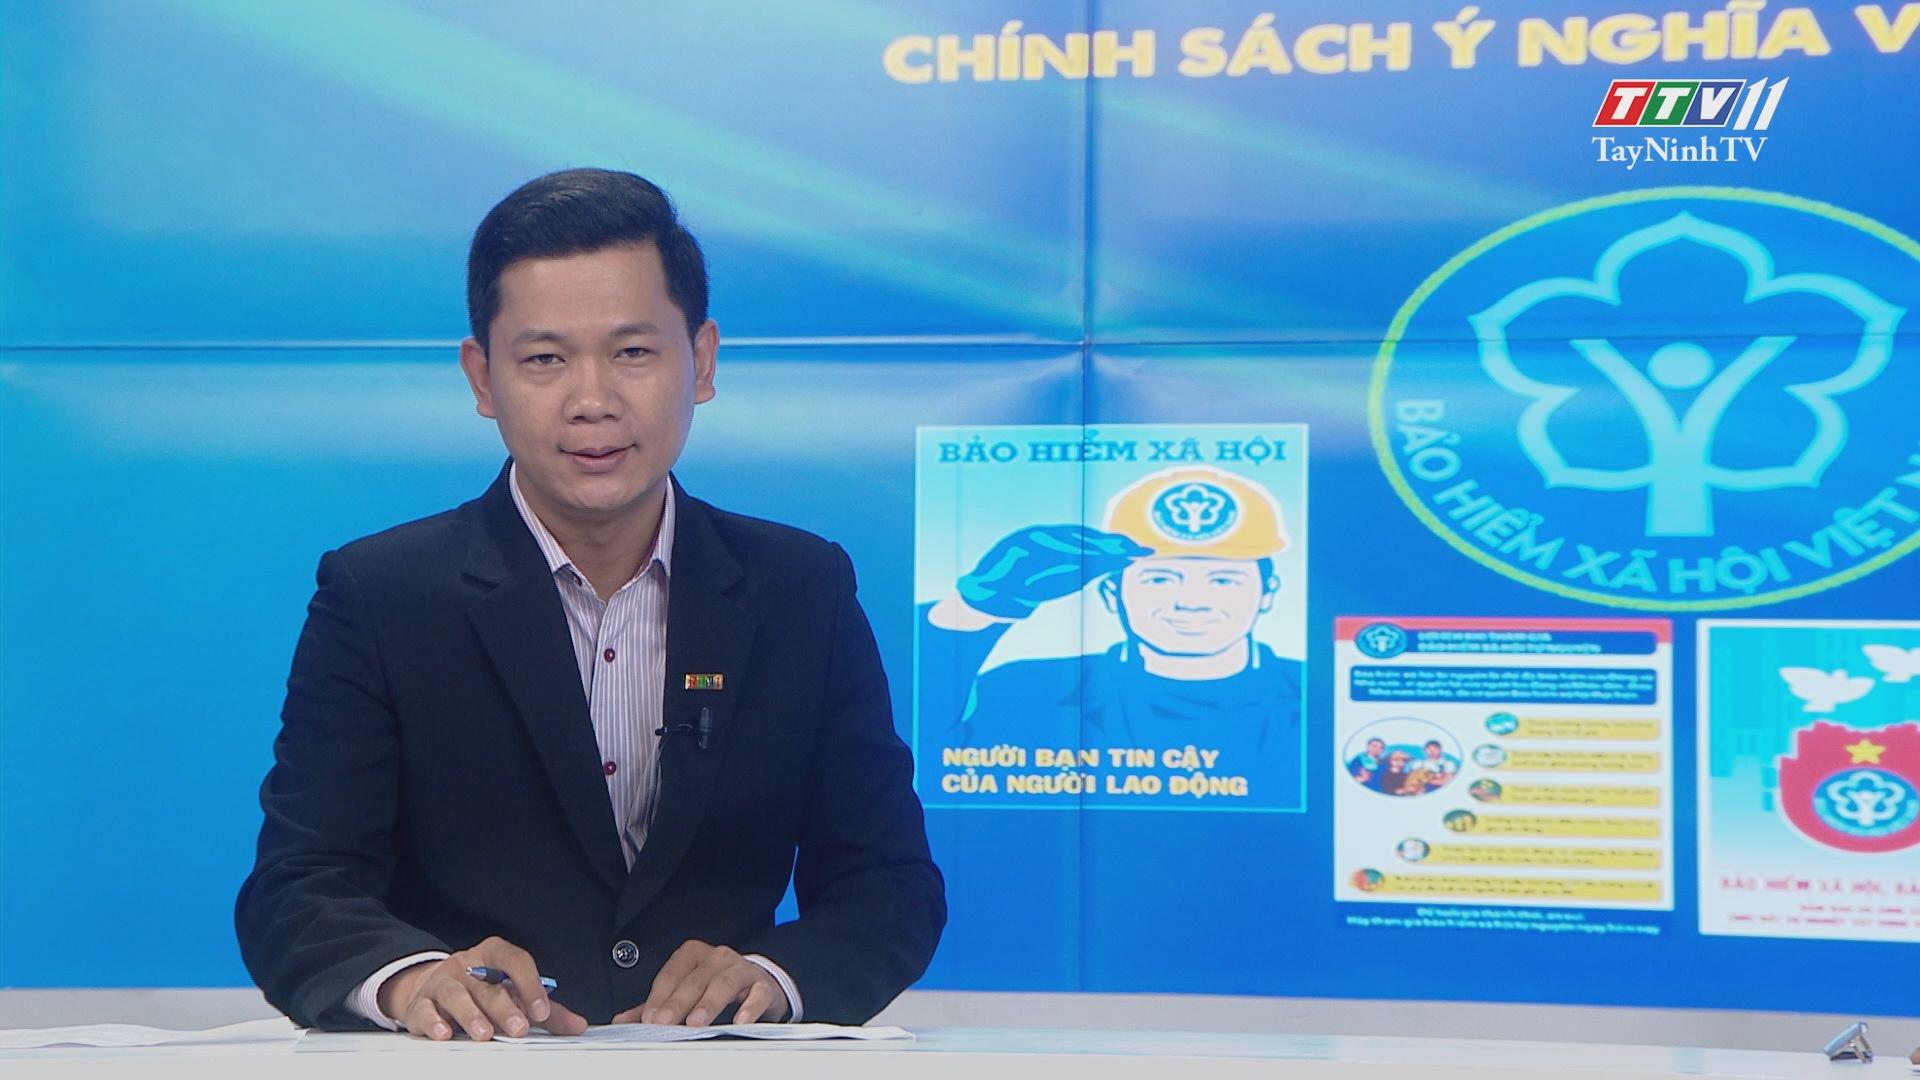 Bảo hiểm xã hội tự nguyện chính sách ý nghĩa và nhân văn | TIẾNG NÓI CỬ TRI | TayNinhTV